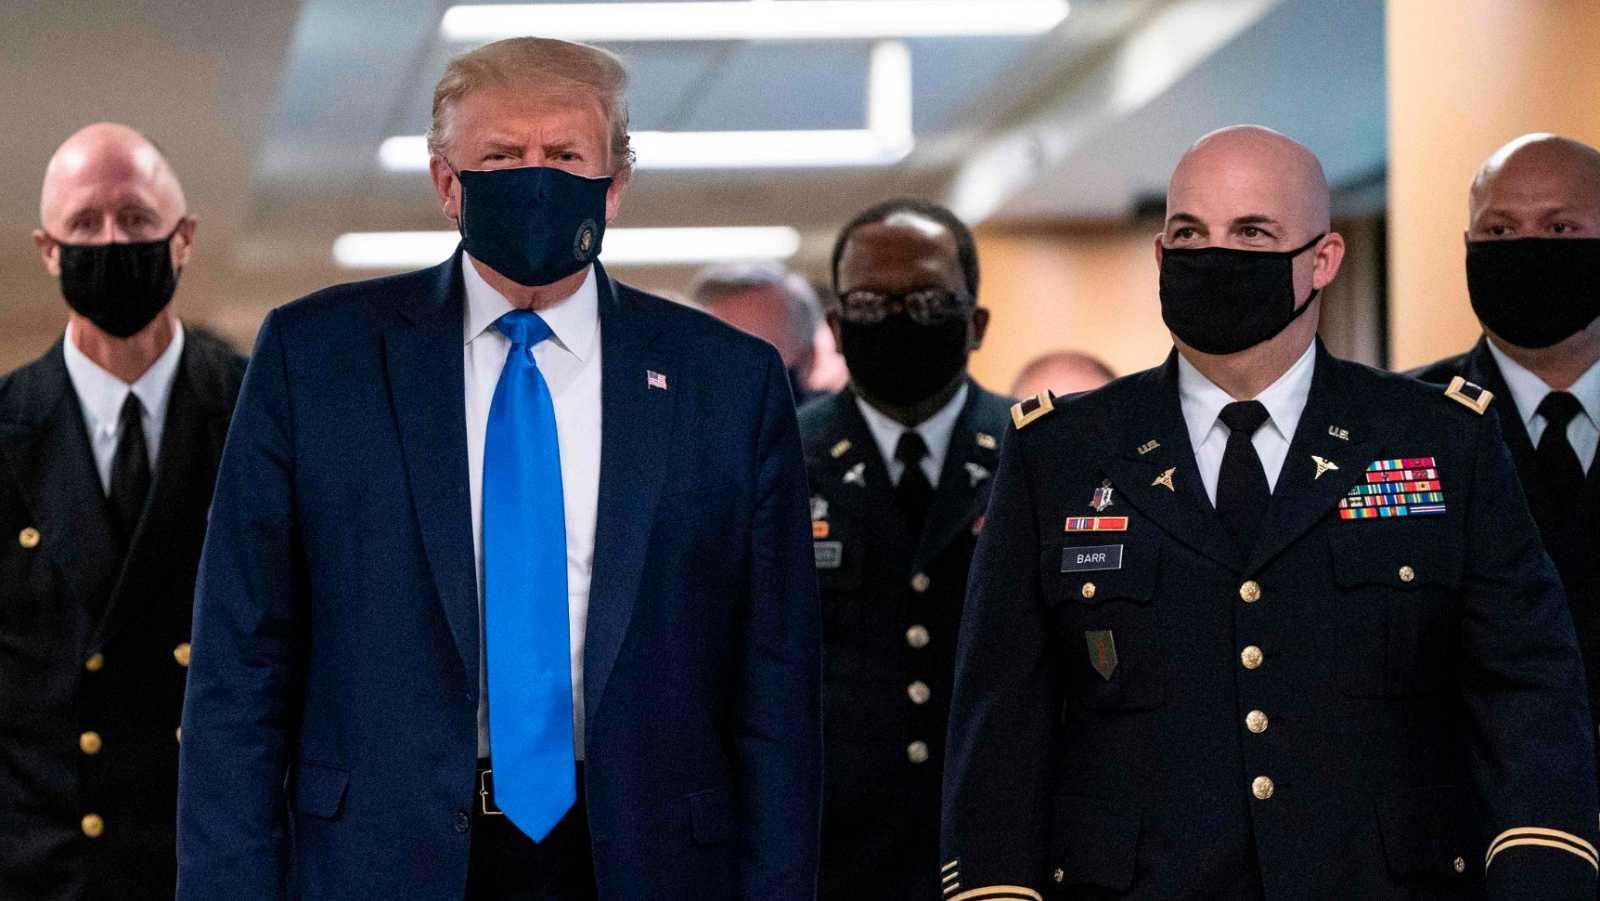 Donald Trump aparece por primera vez en público llevando mascarilla